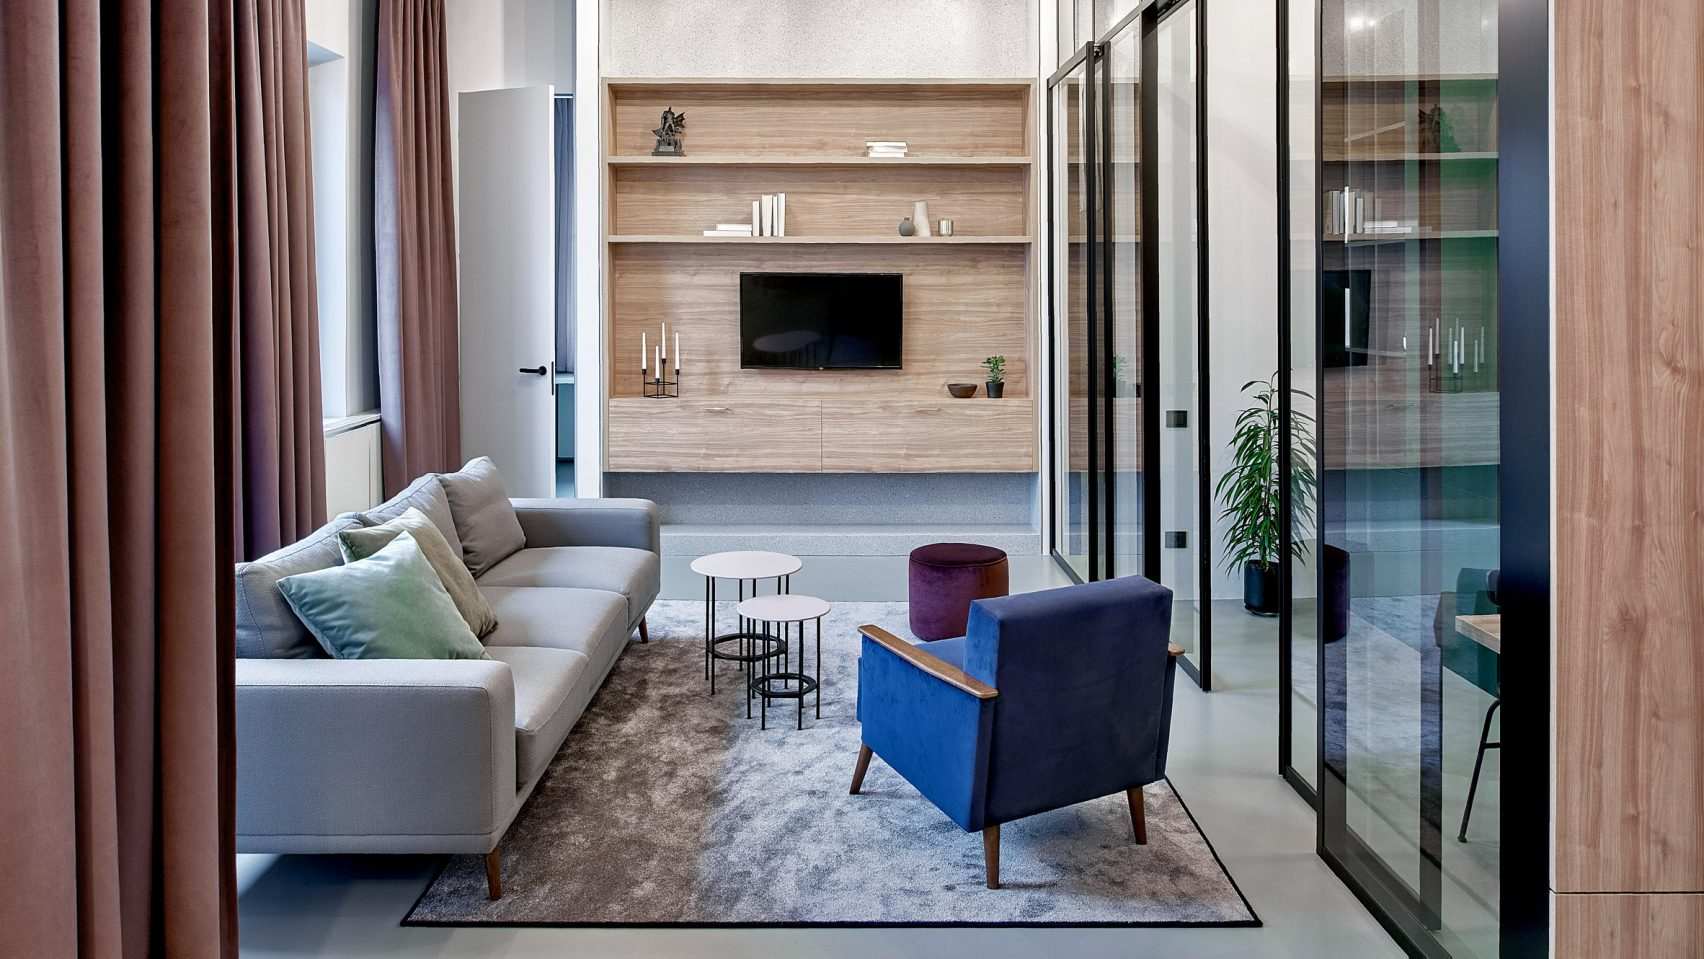 Thiết kế nội thất nhà ở: Đơn giản mà cực chất